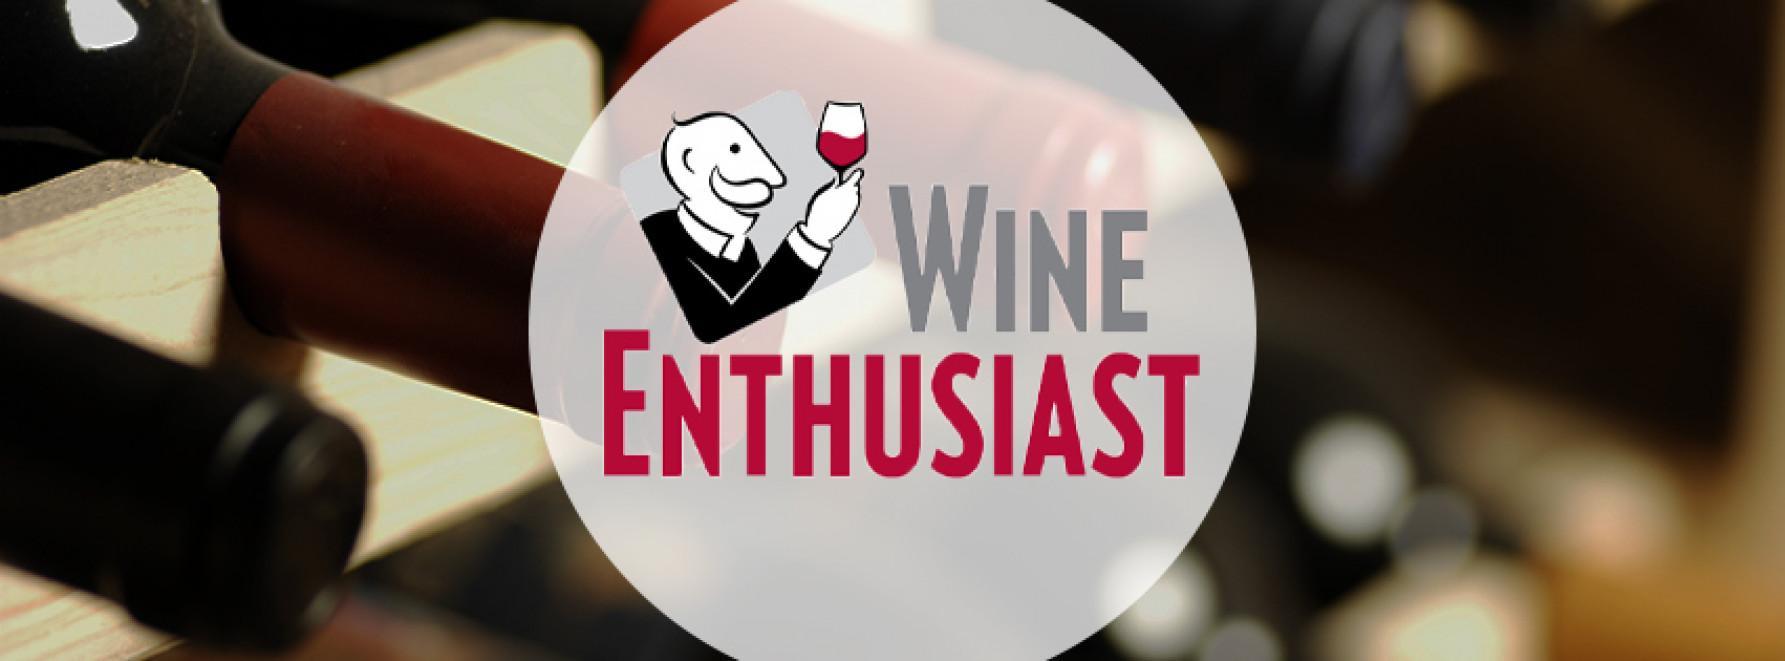 4 Bordeaux parmi les meilleurs vins du monde